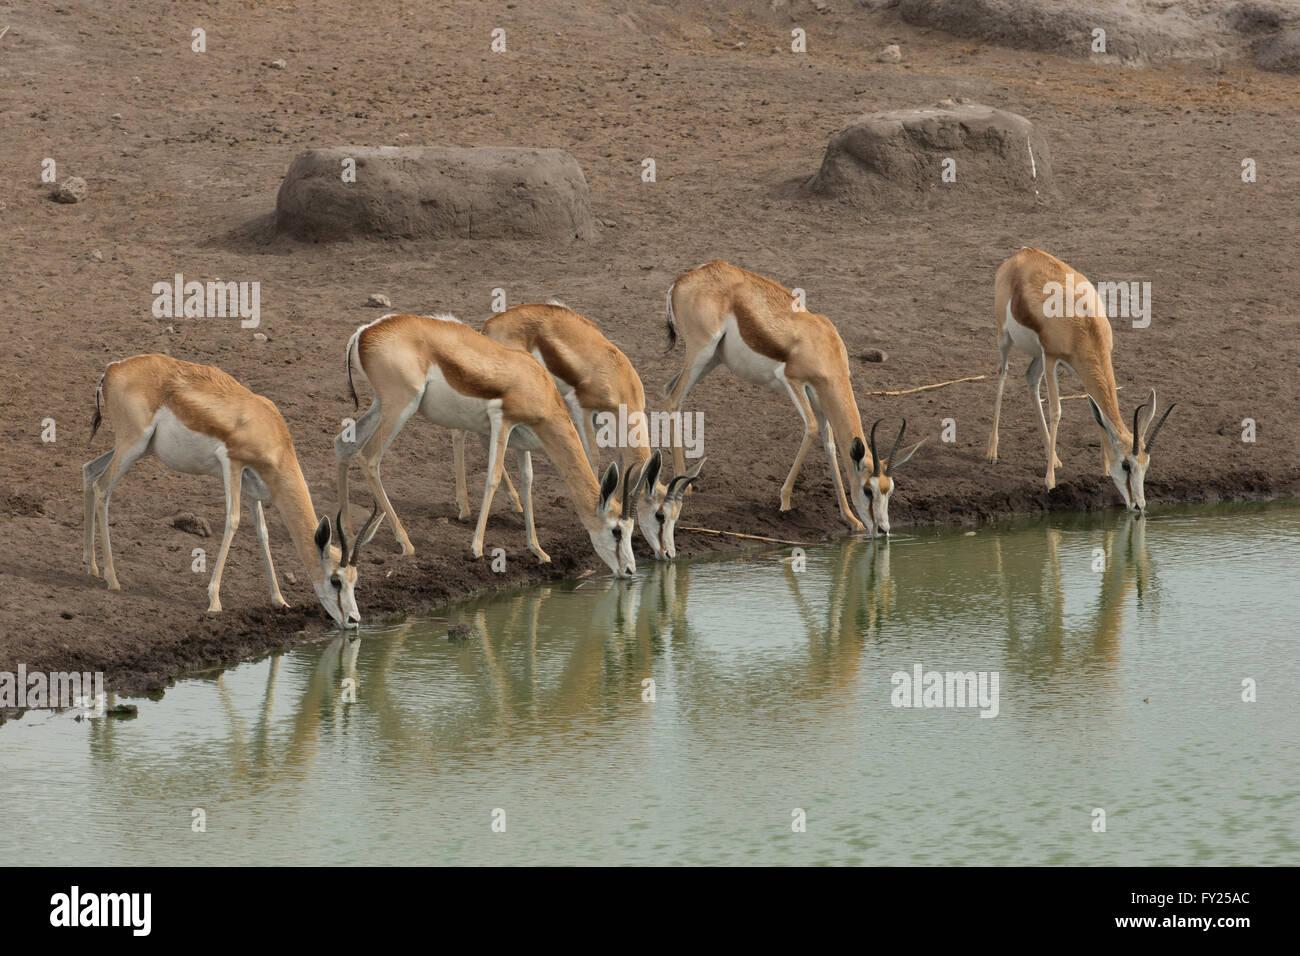 Le springbok est une antilope brun et blanc gazelle-du sud-ouest de l'Afrique. Il est extrêmement rapide Photo Stock